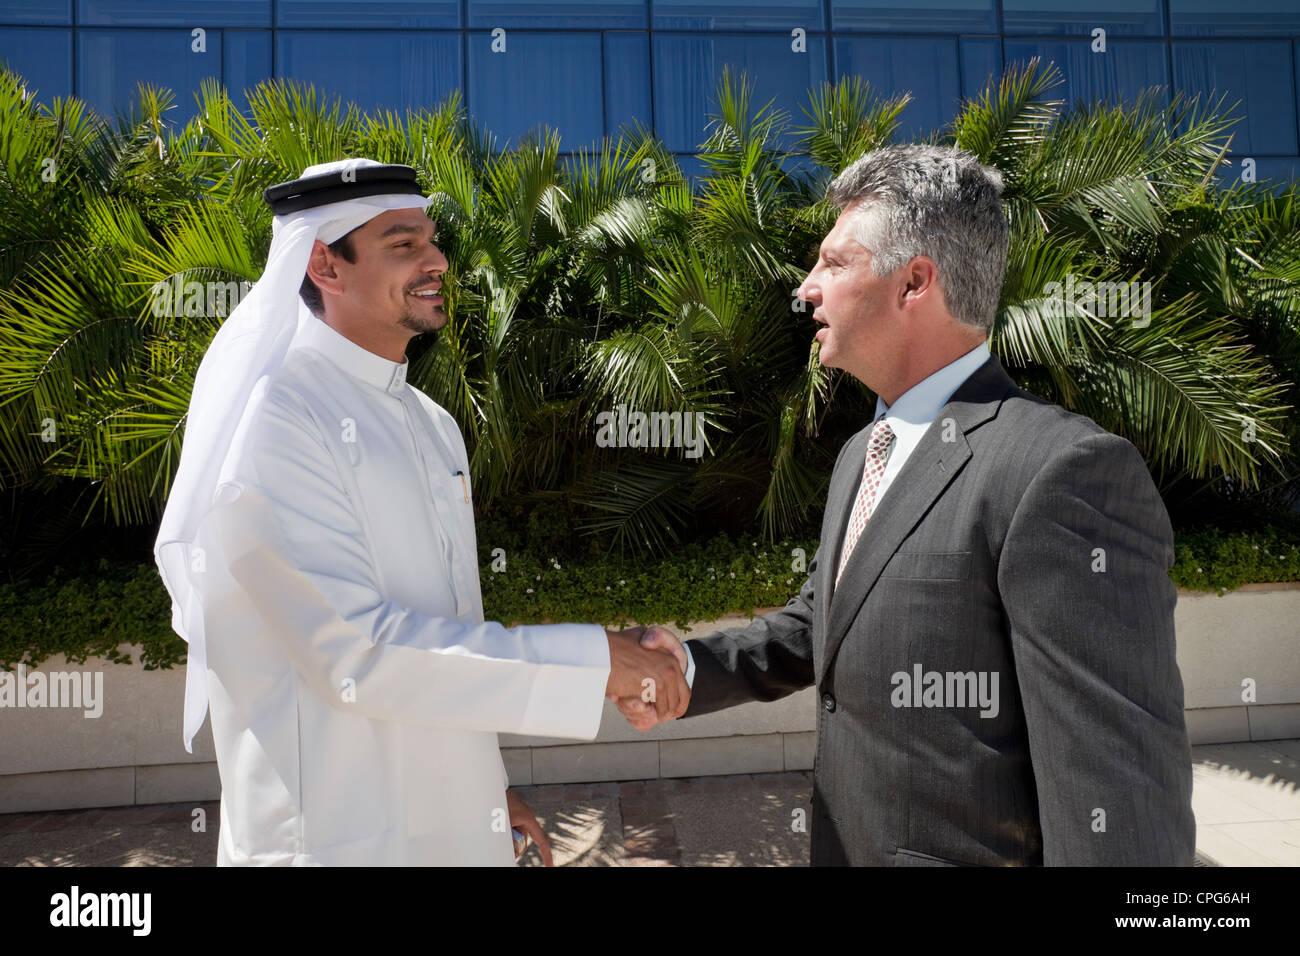 Arabische Geschäftsmann und westliche Geschäftsmann Händeschütteln vor der Bürogebäude. Stockbild